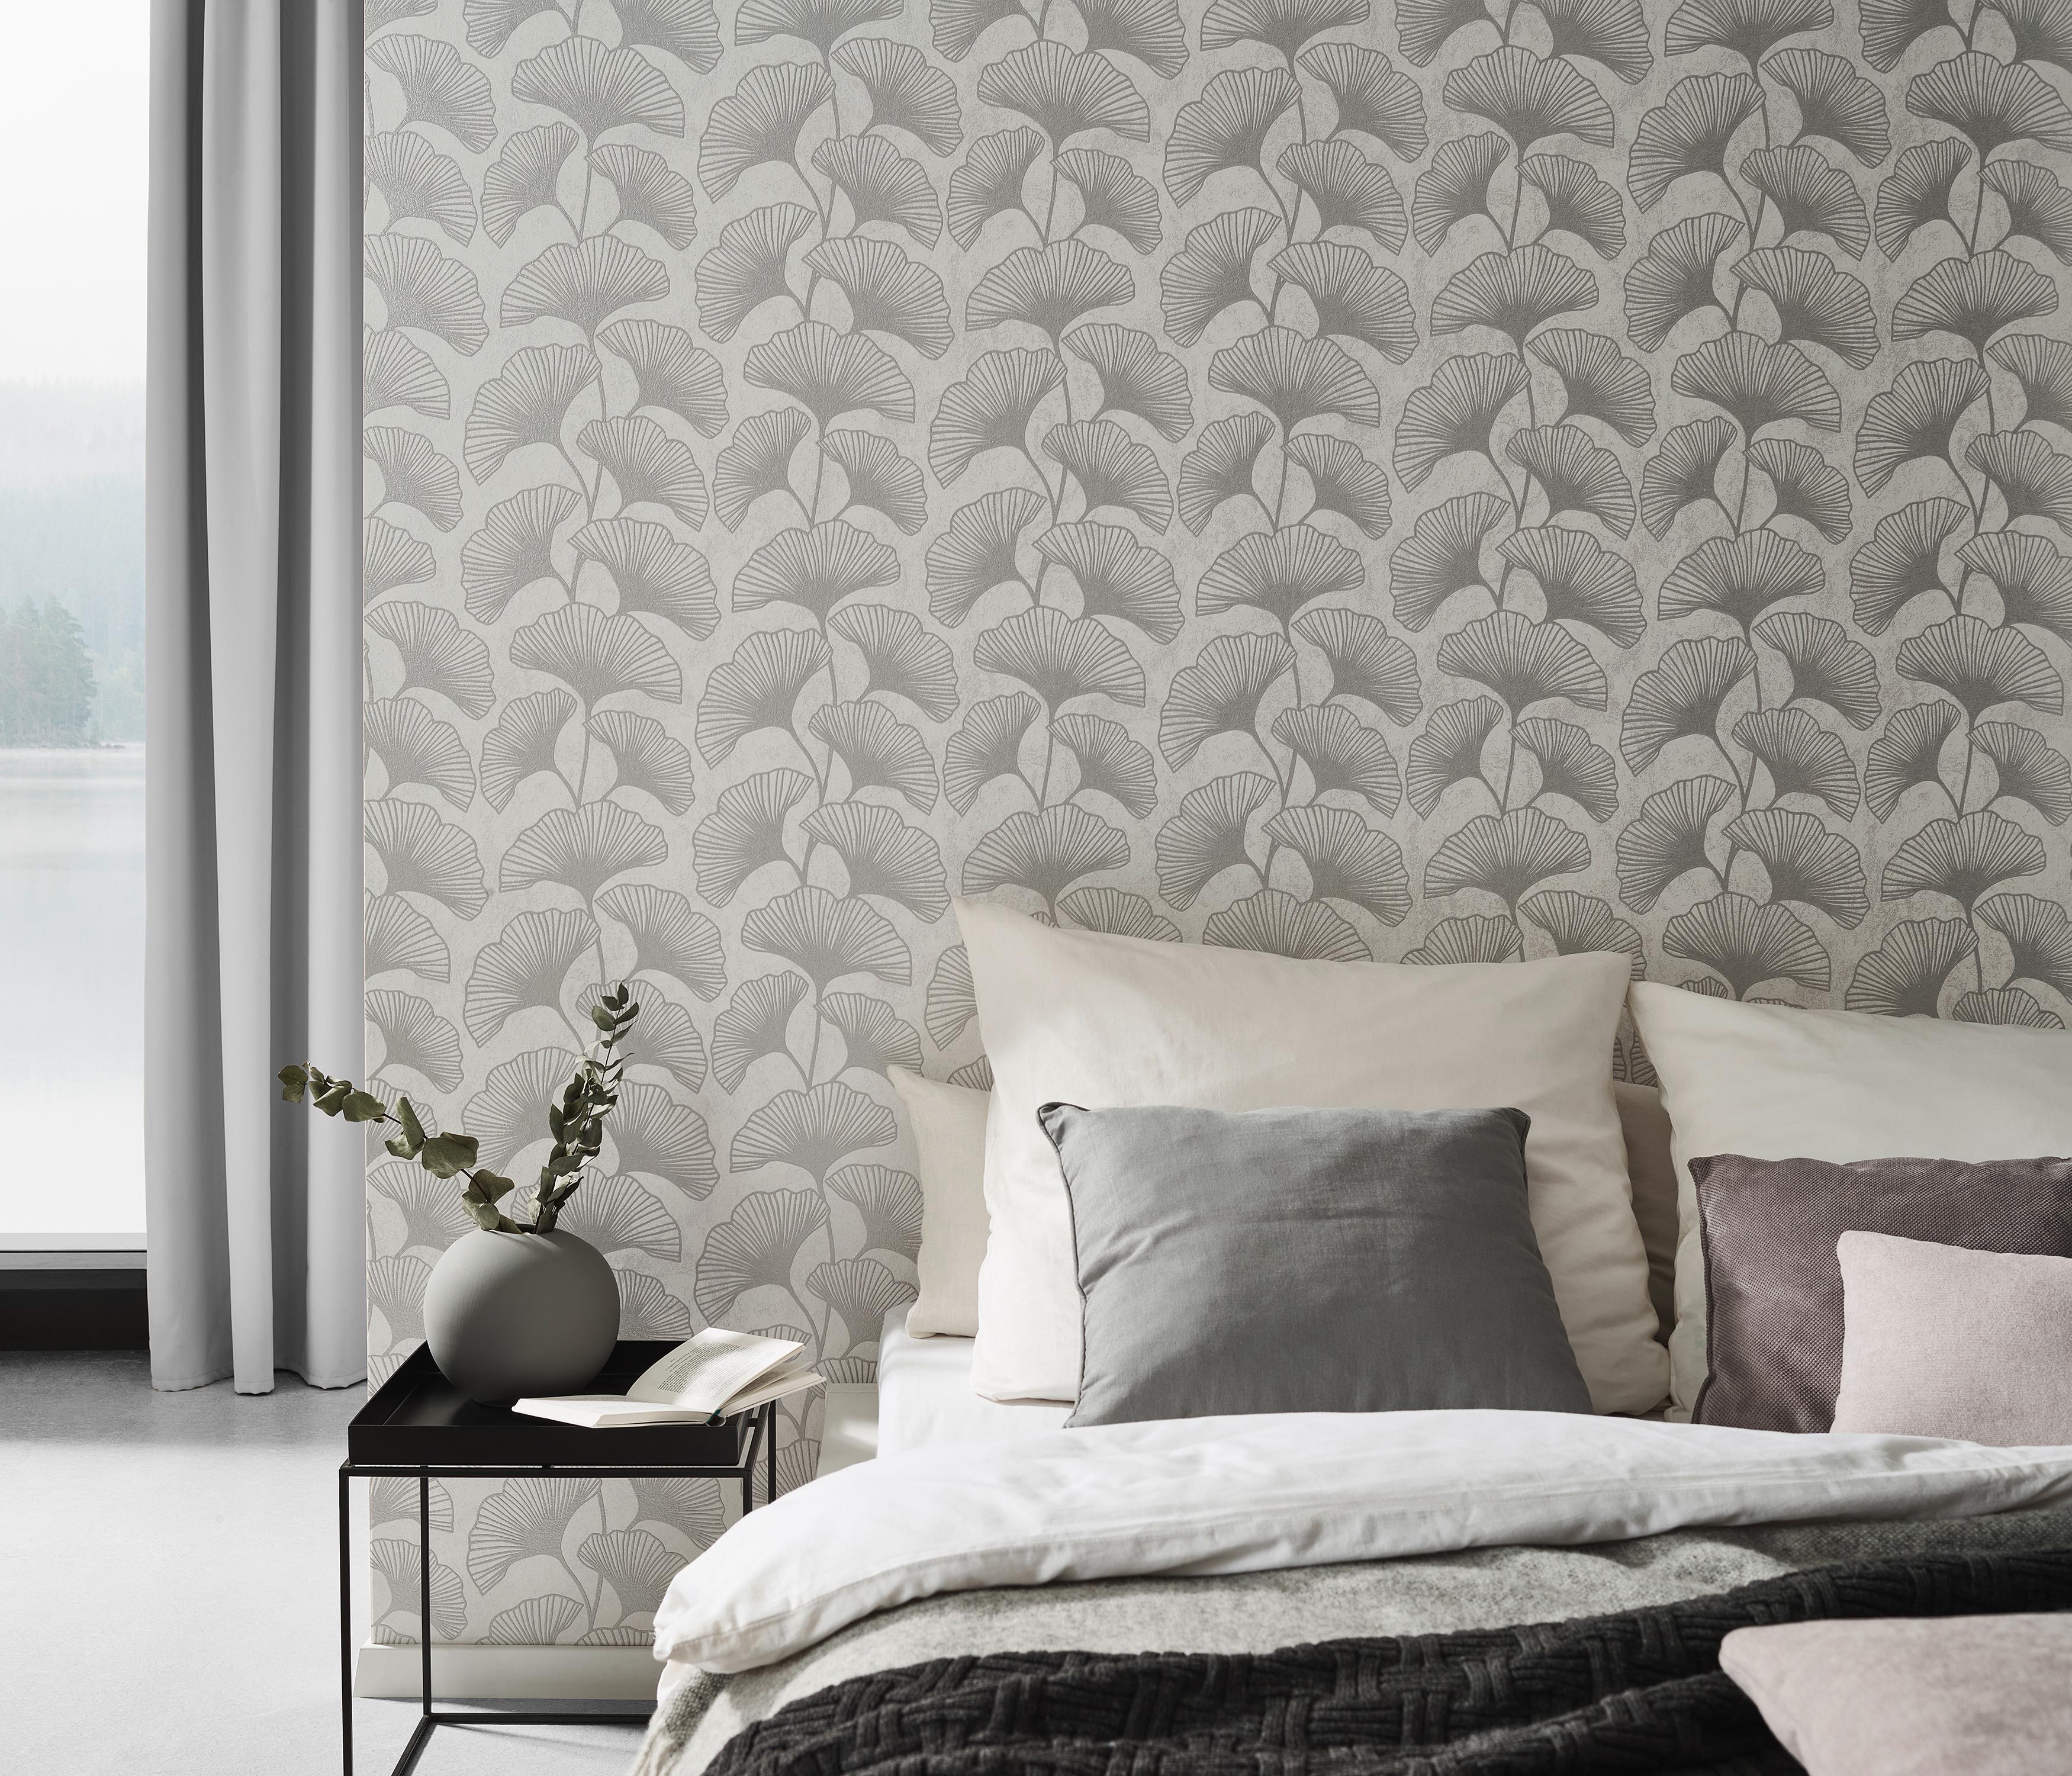 Vliestapete für Schlafzimmer, elegantes Ginko-Muster in greige mit edlen Glimmereffekten